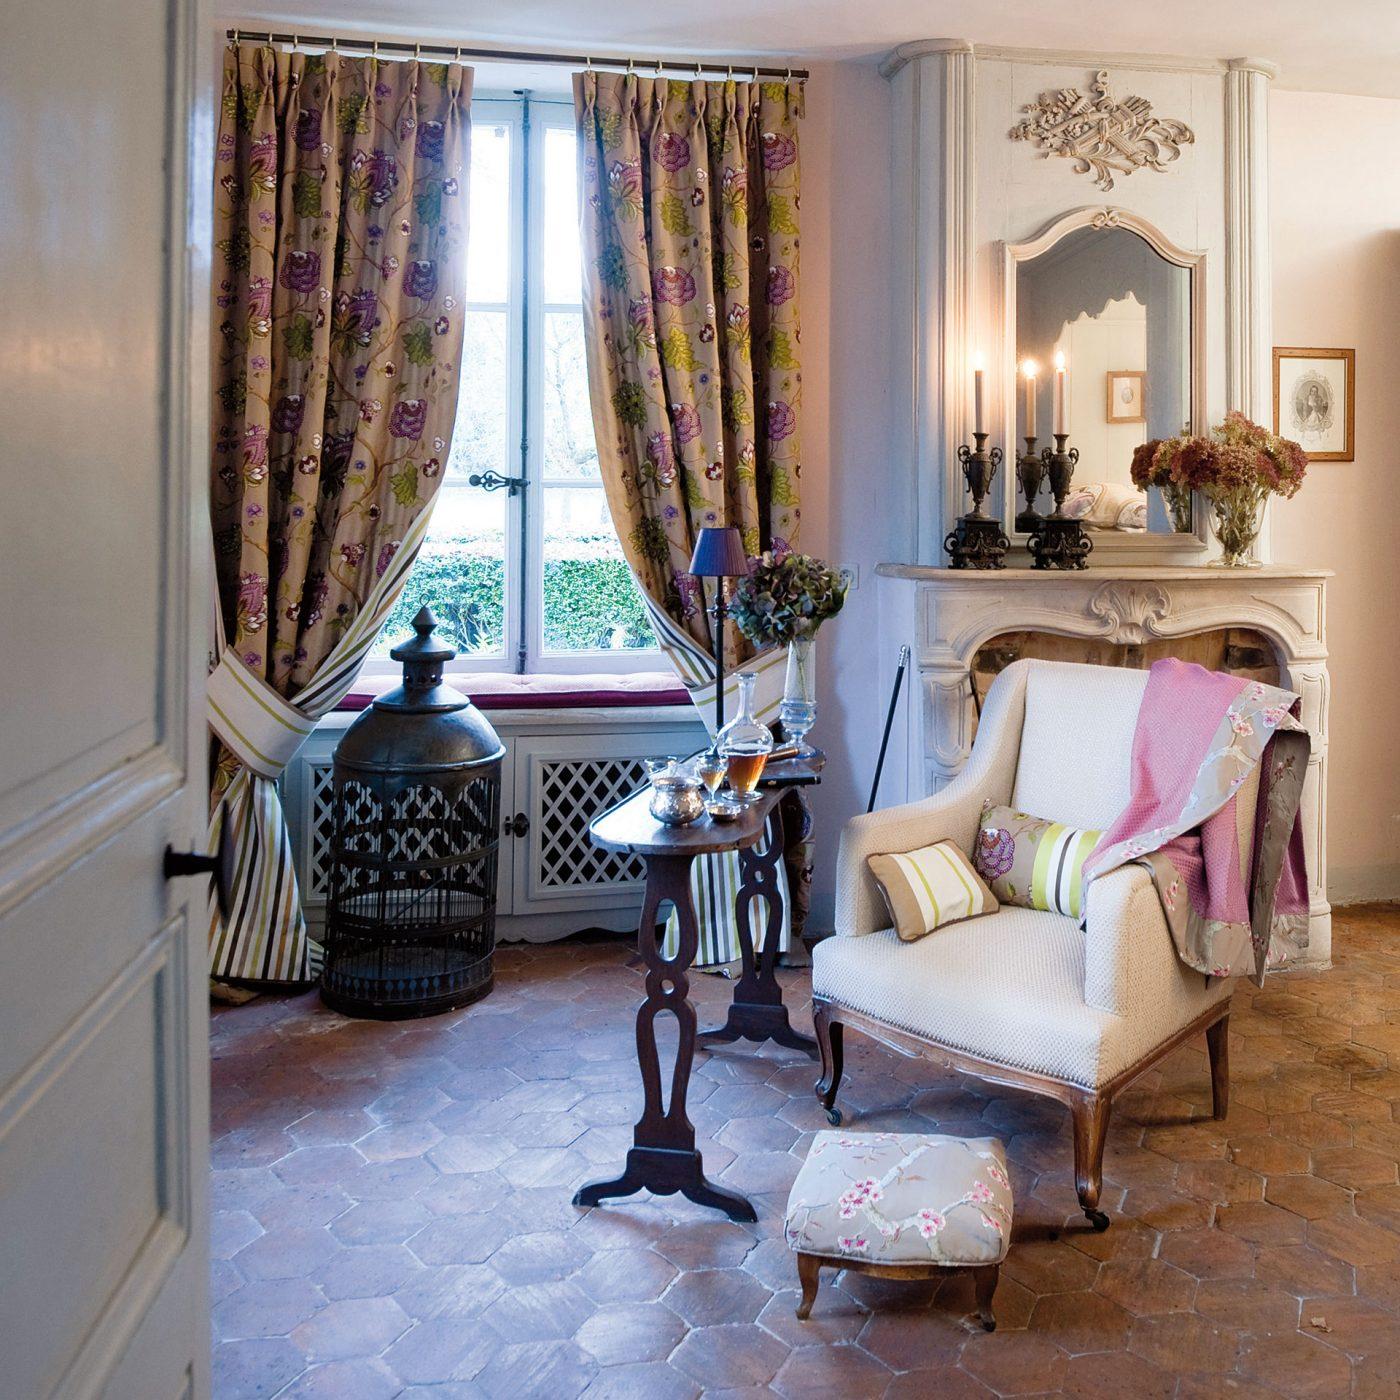 Deauville_01